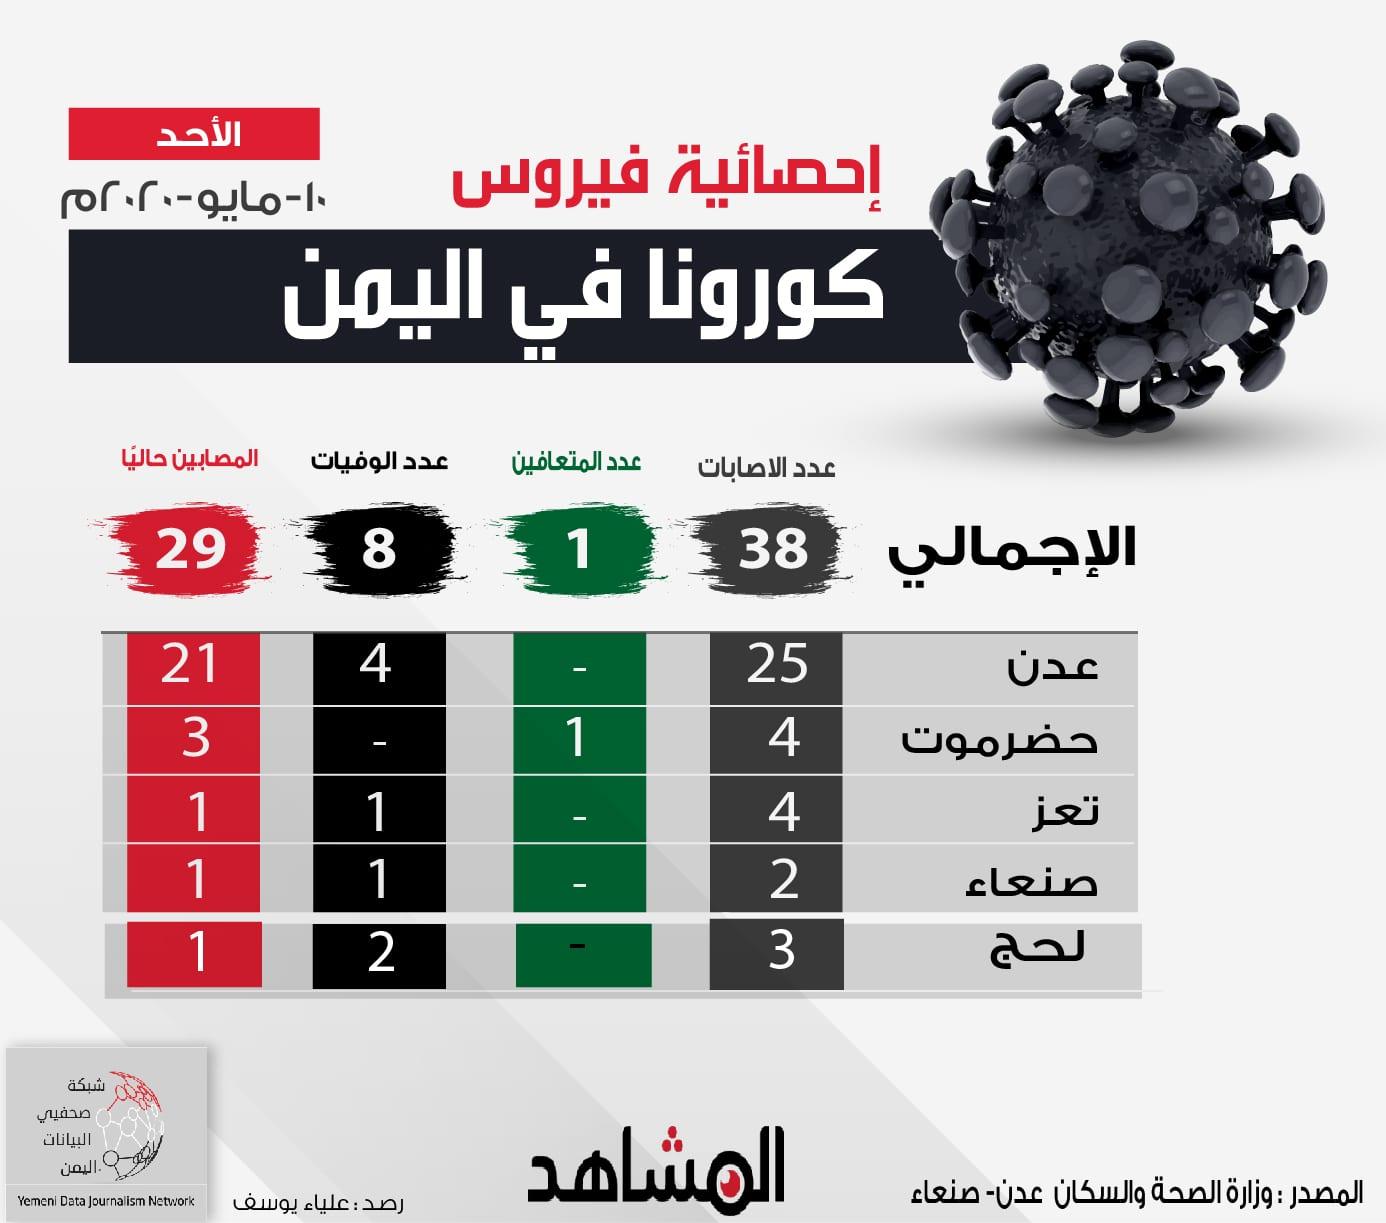 آخر إحصائية رسمية عن فيروس كورونا في اليمن